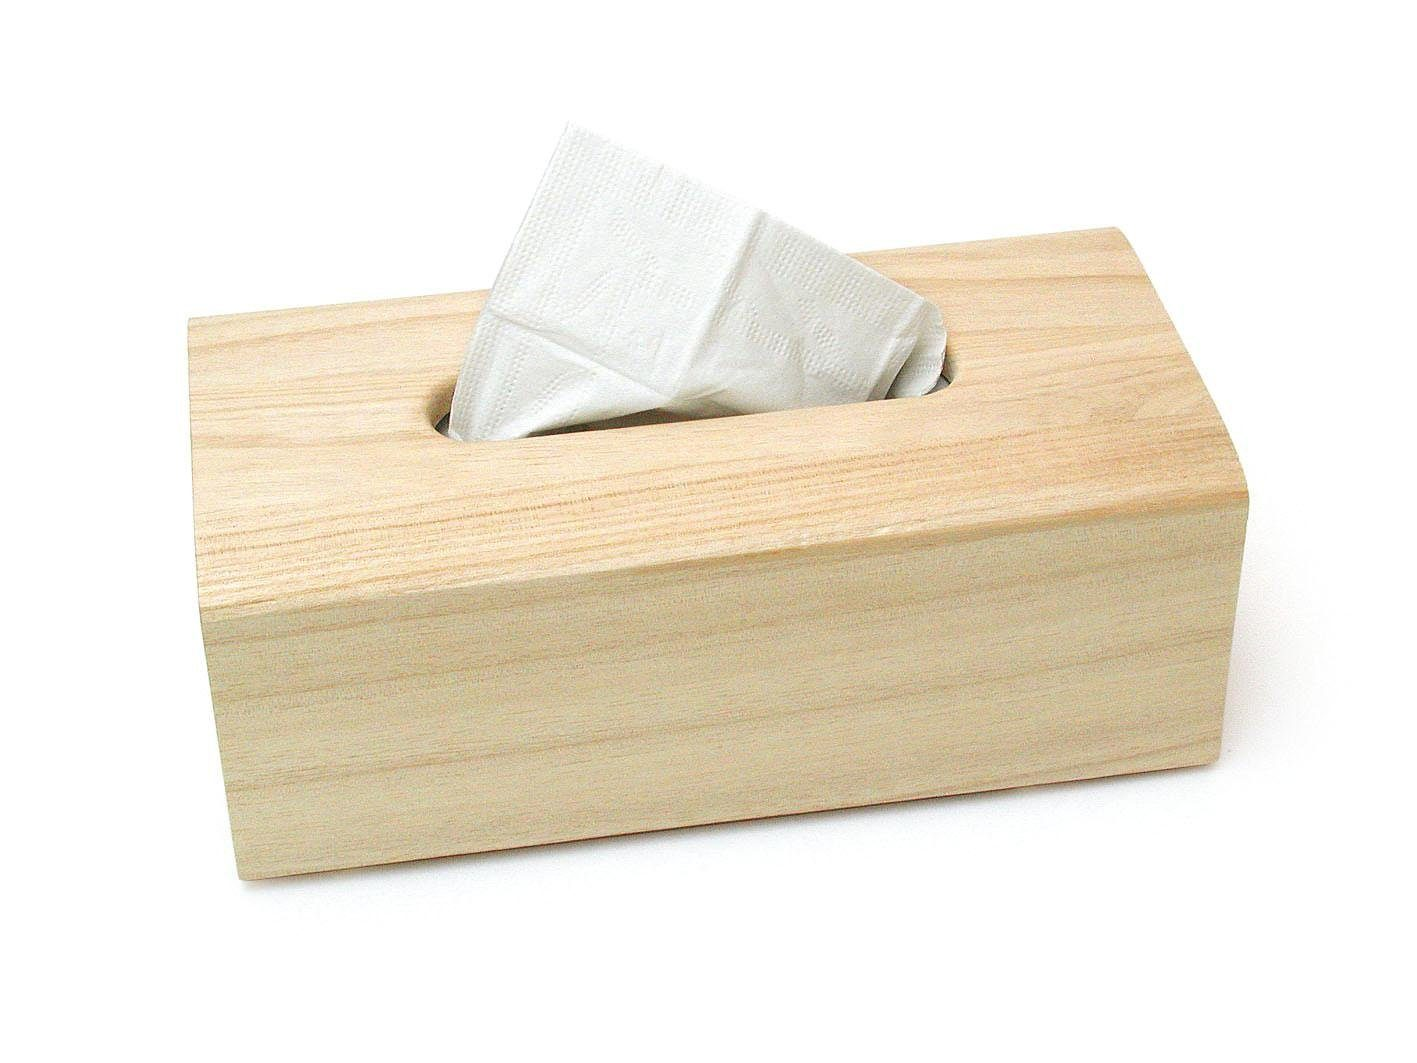 VBS Kosmetiktuchbox aus Holz